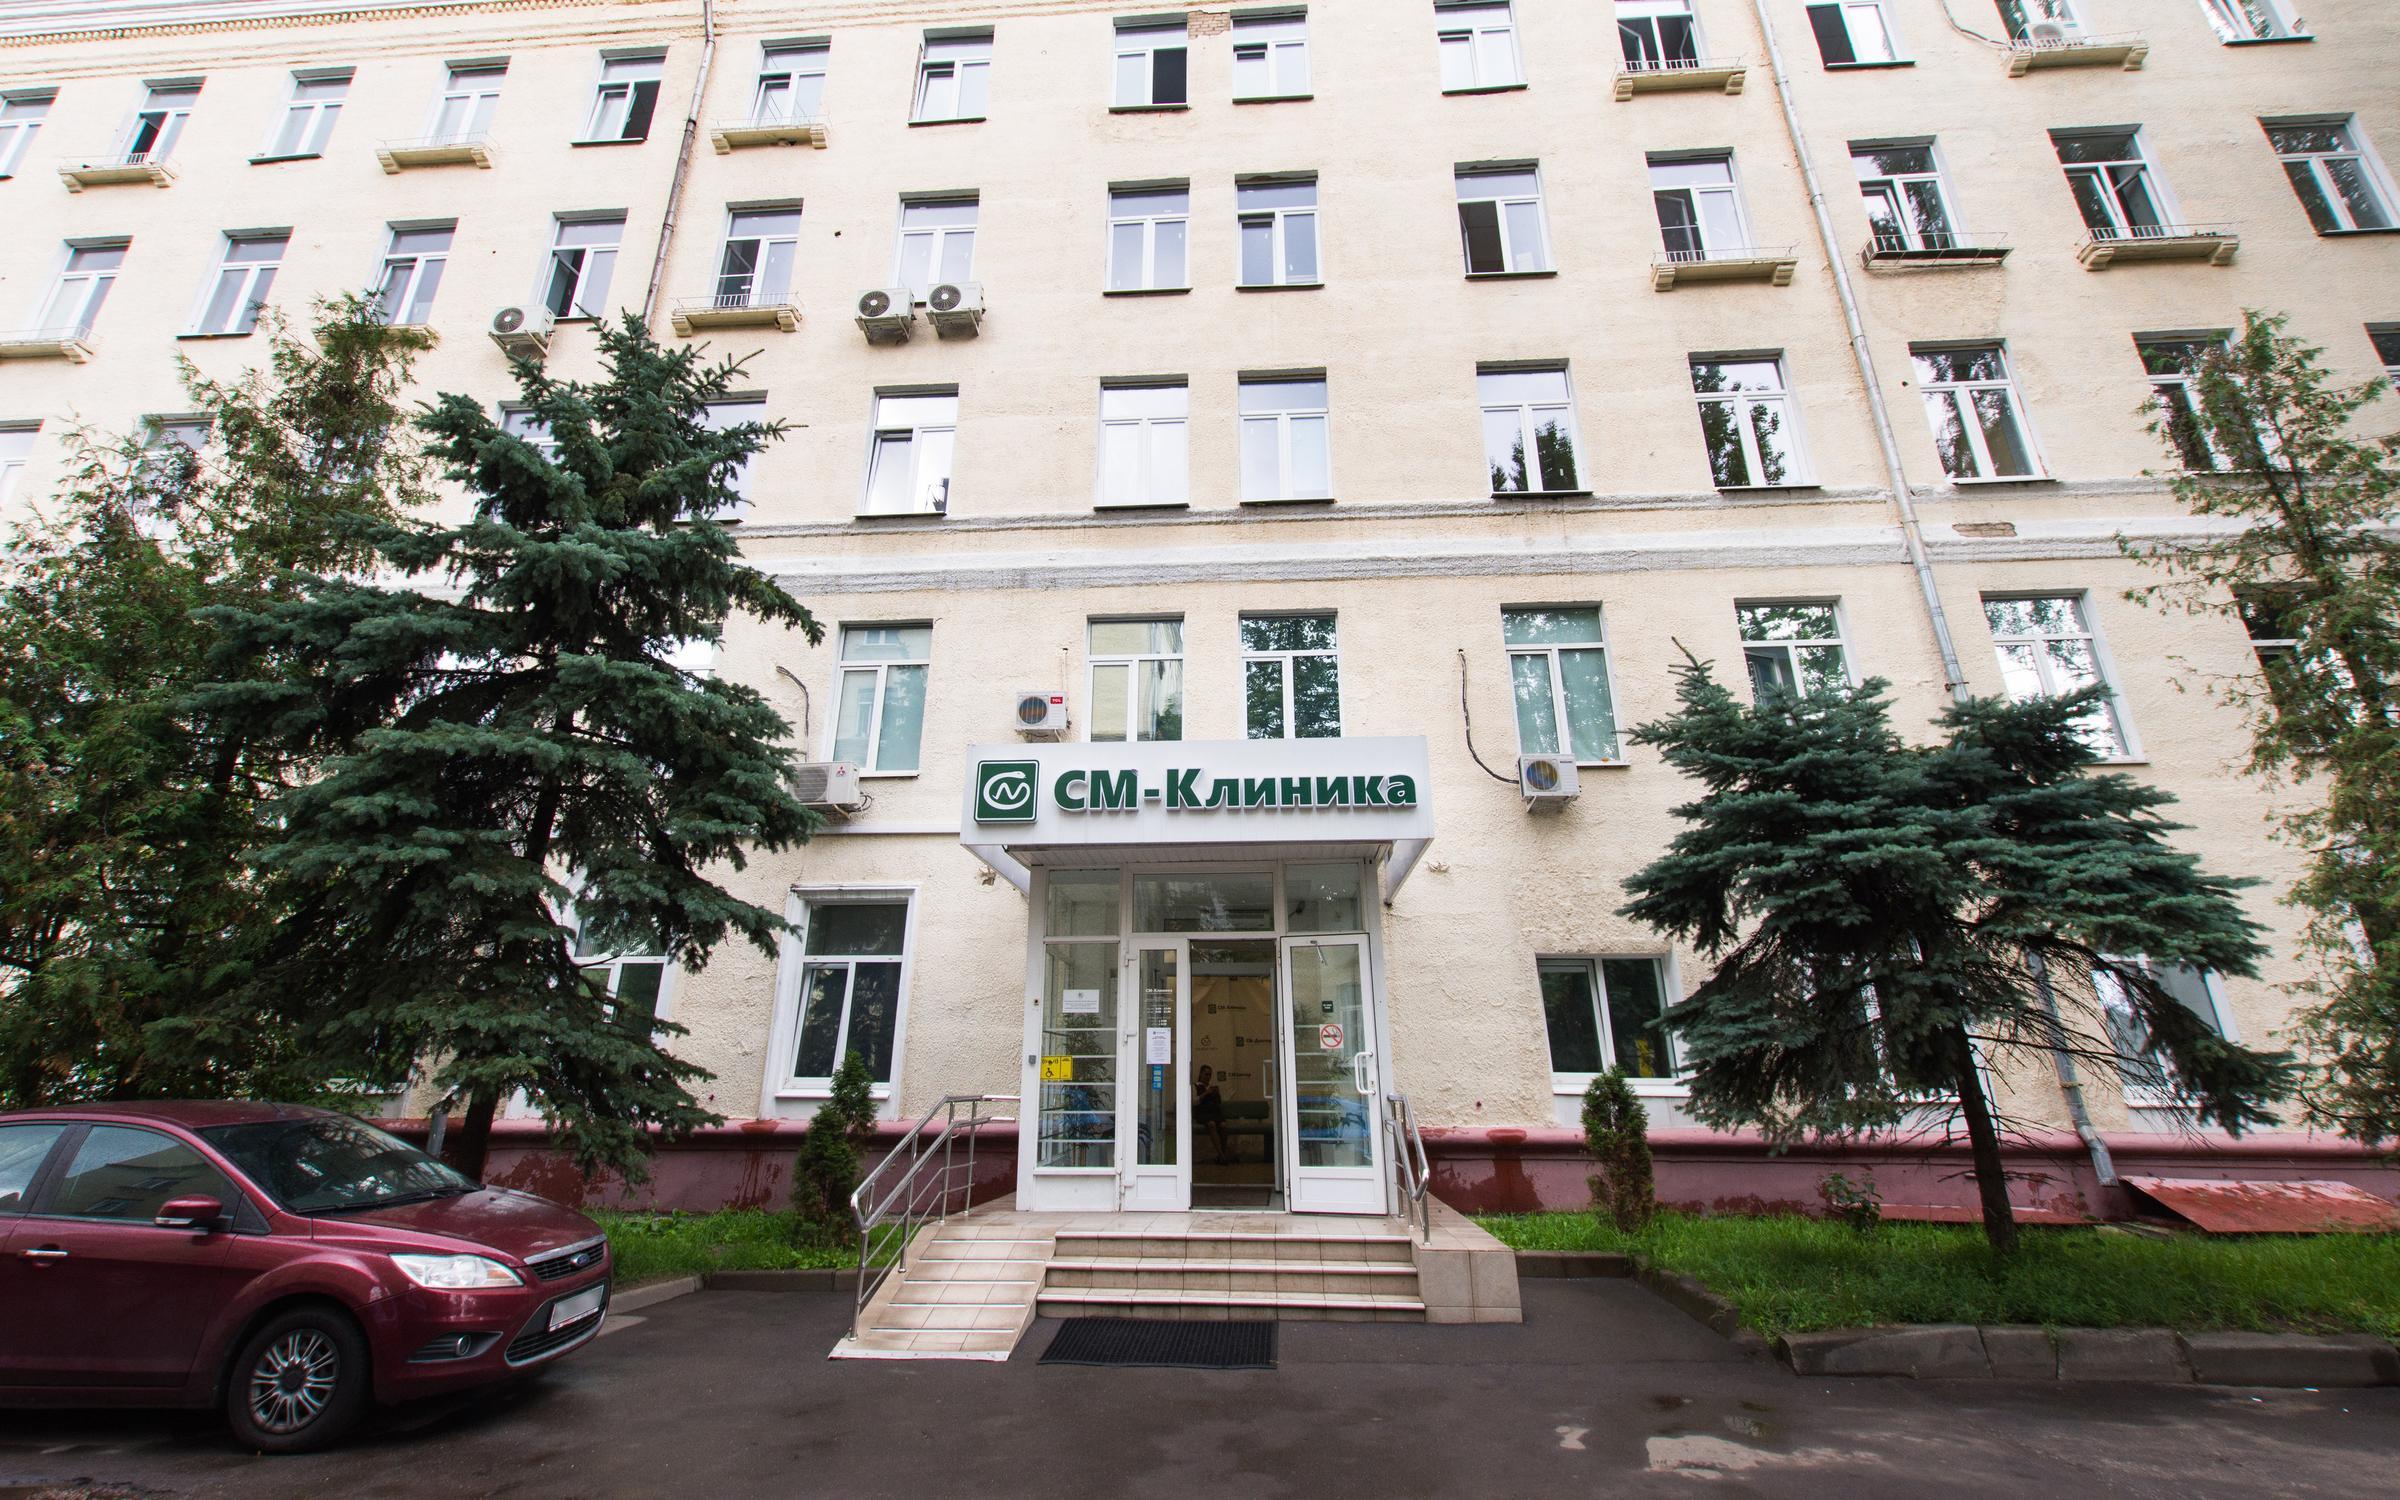 фотография СМ-клиника Детское отделение на Ярцевской улице